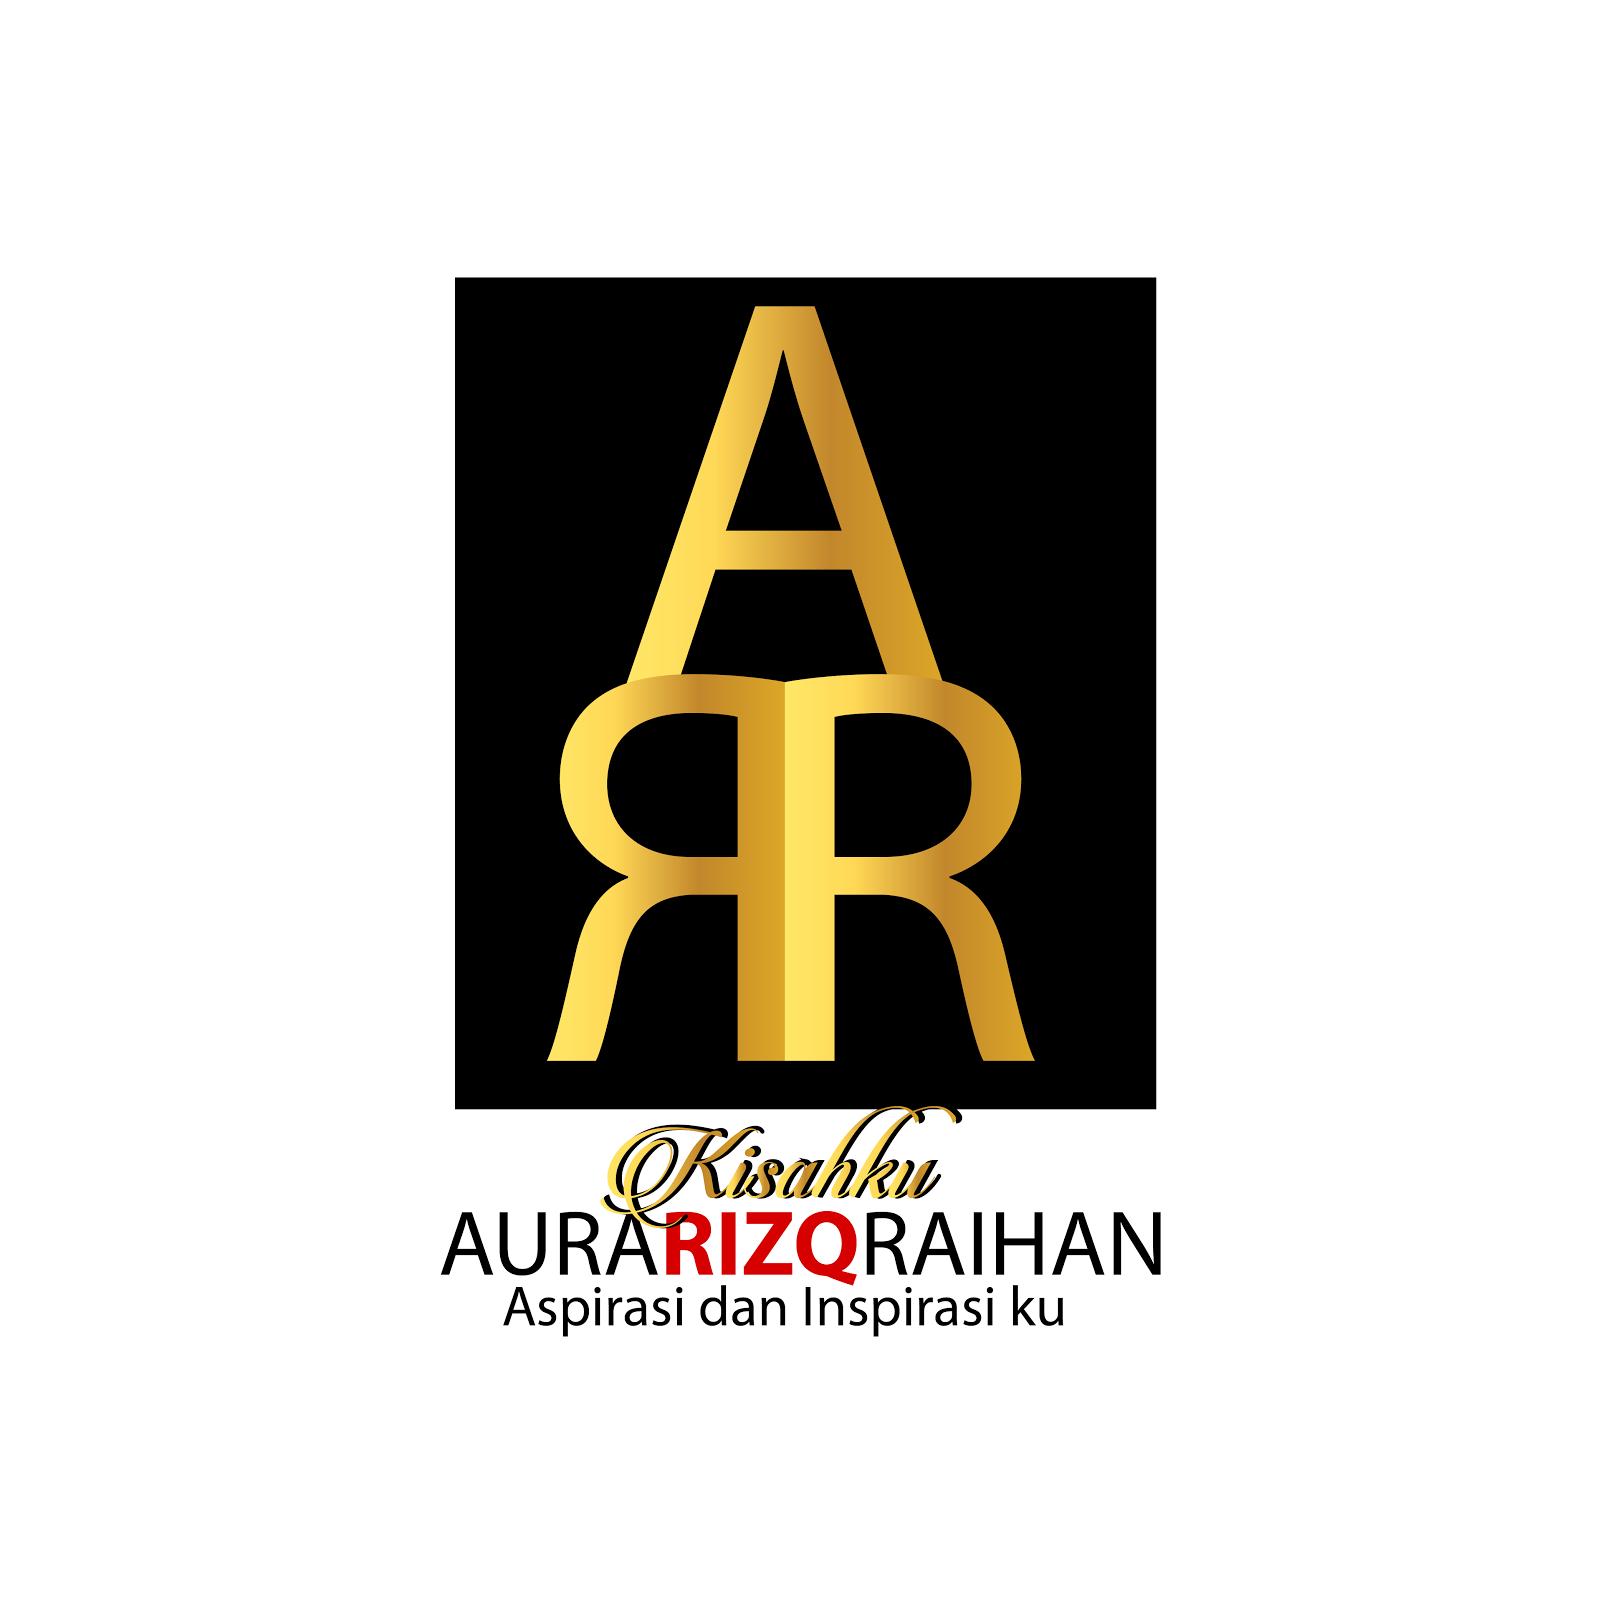 AuraRizqRaihan